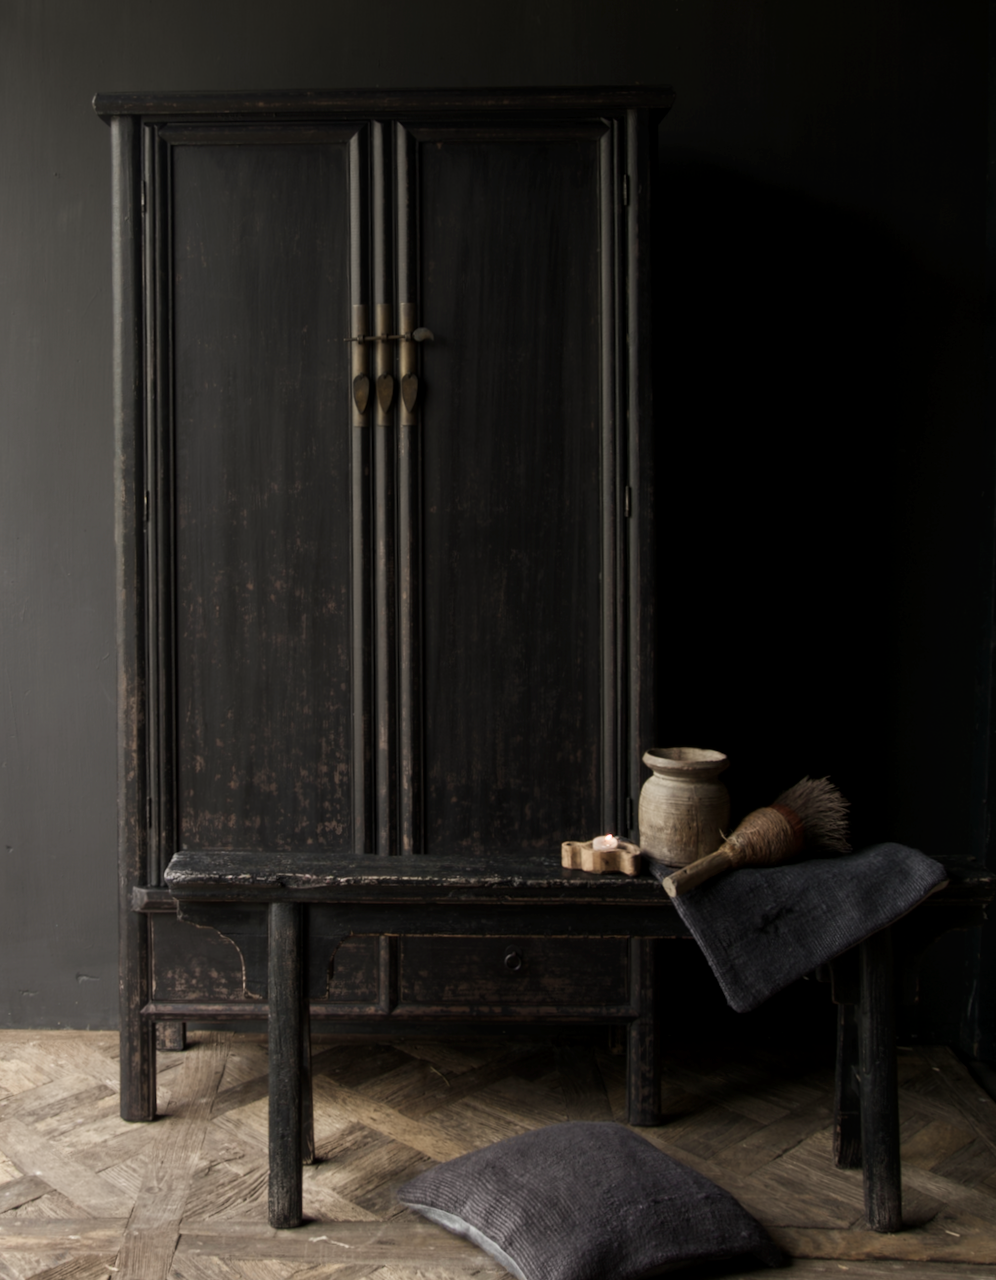 Schöner Tough Rural alter Holzschrank mit zwei Türen-1